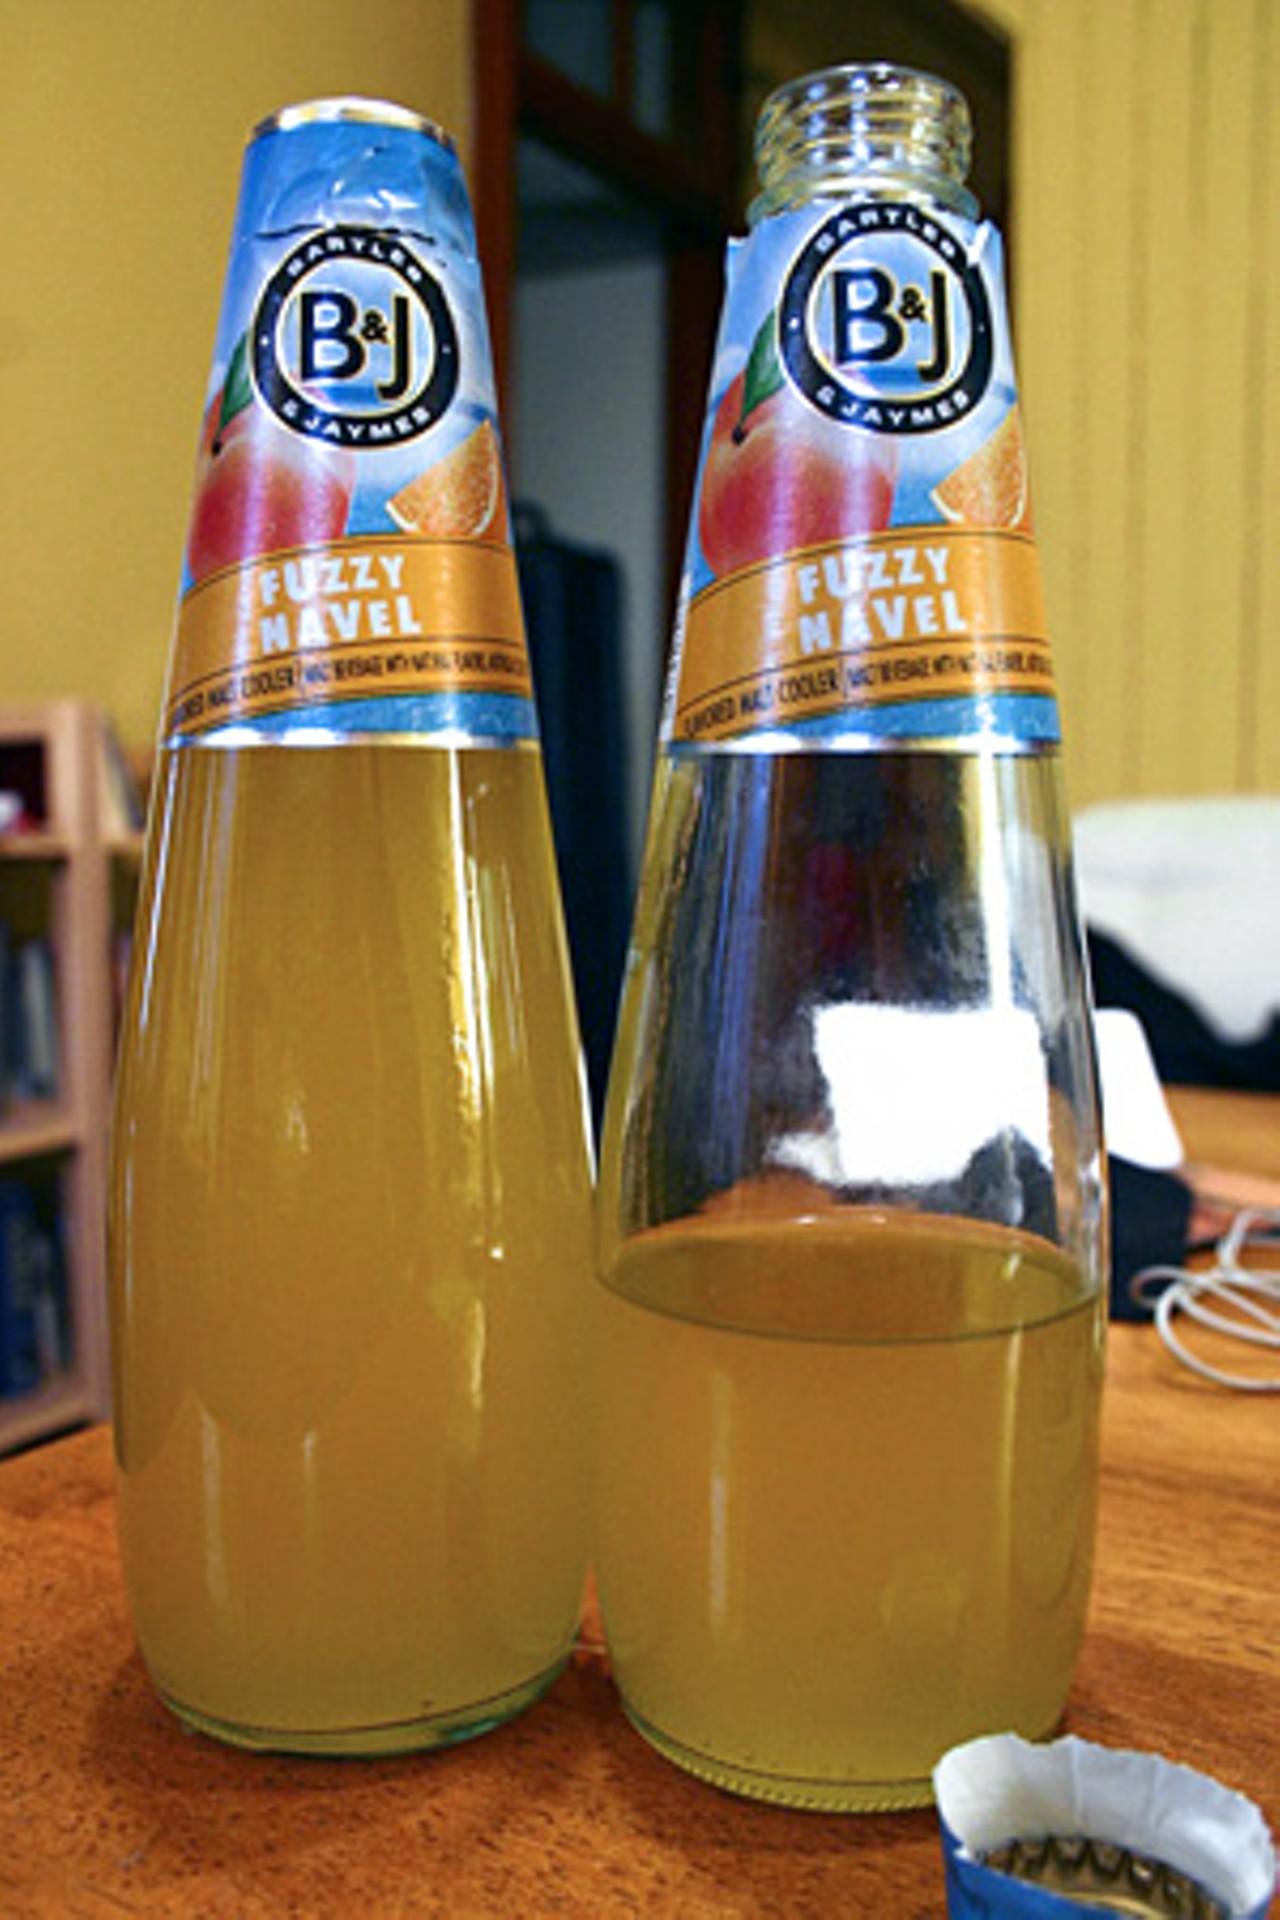 Bartles James Fuzzy Navel Flavored Malt Cooler Food Drink